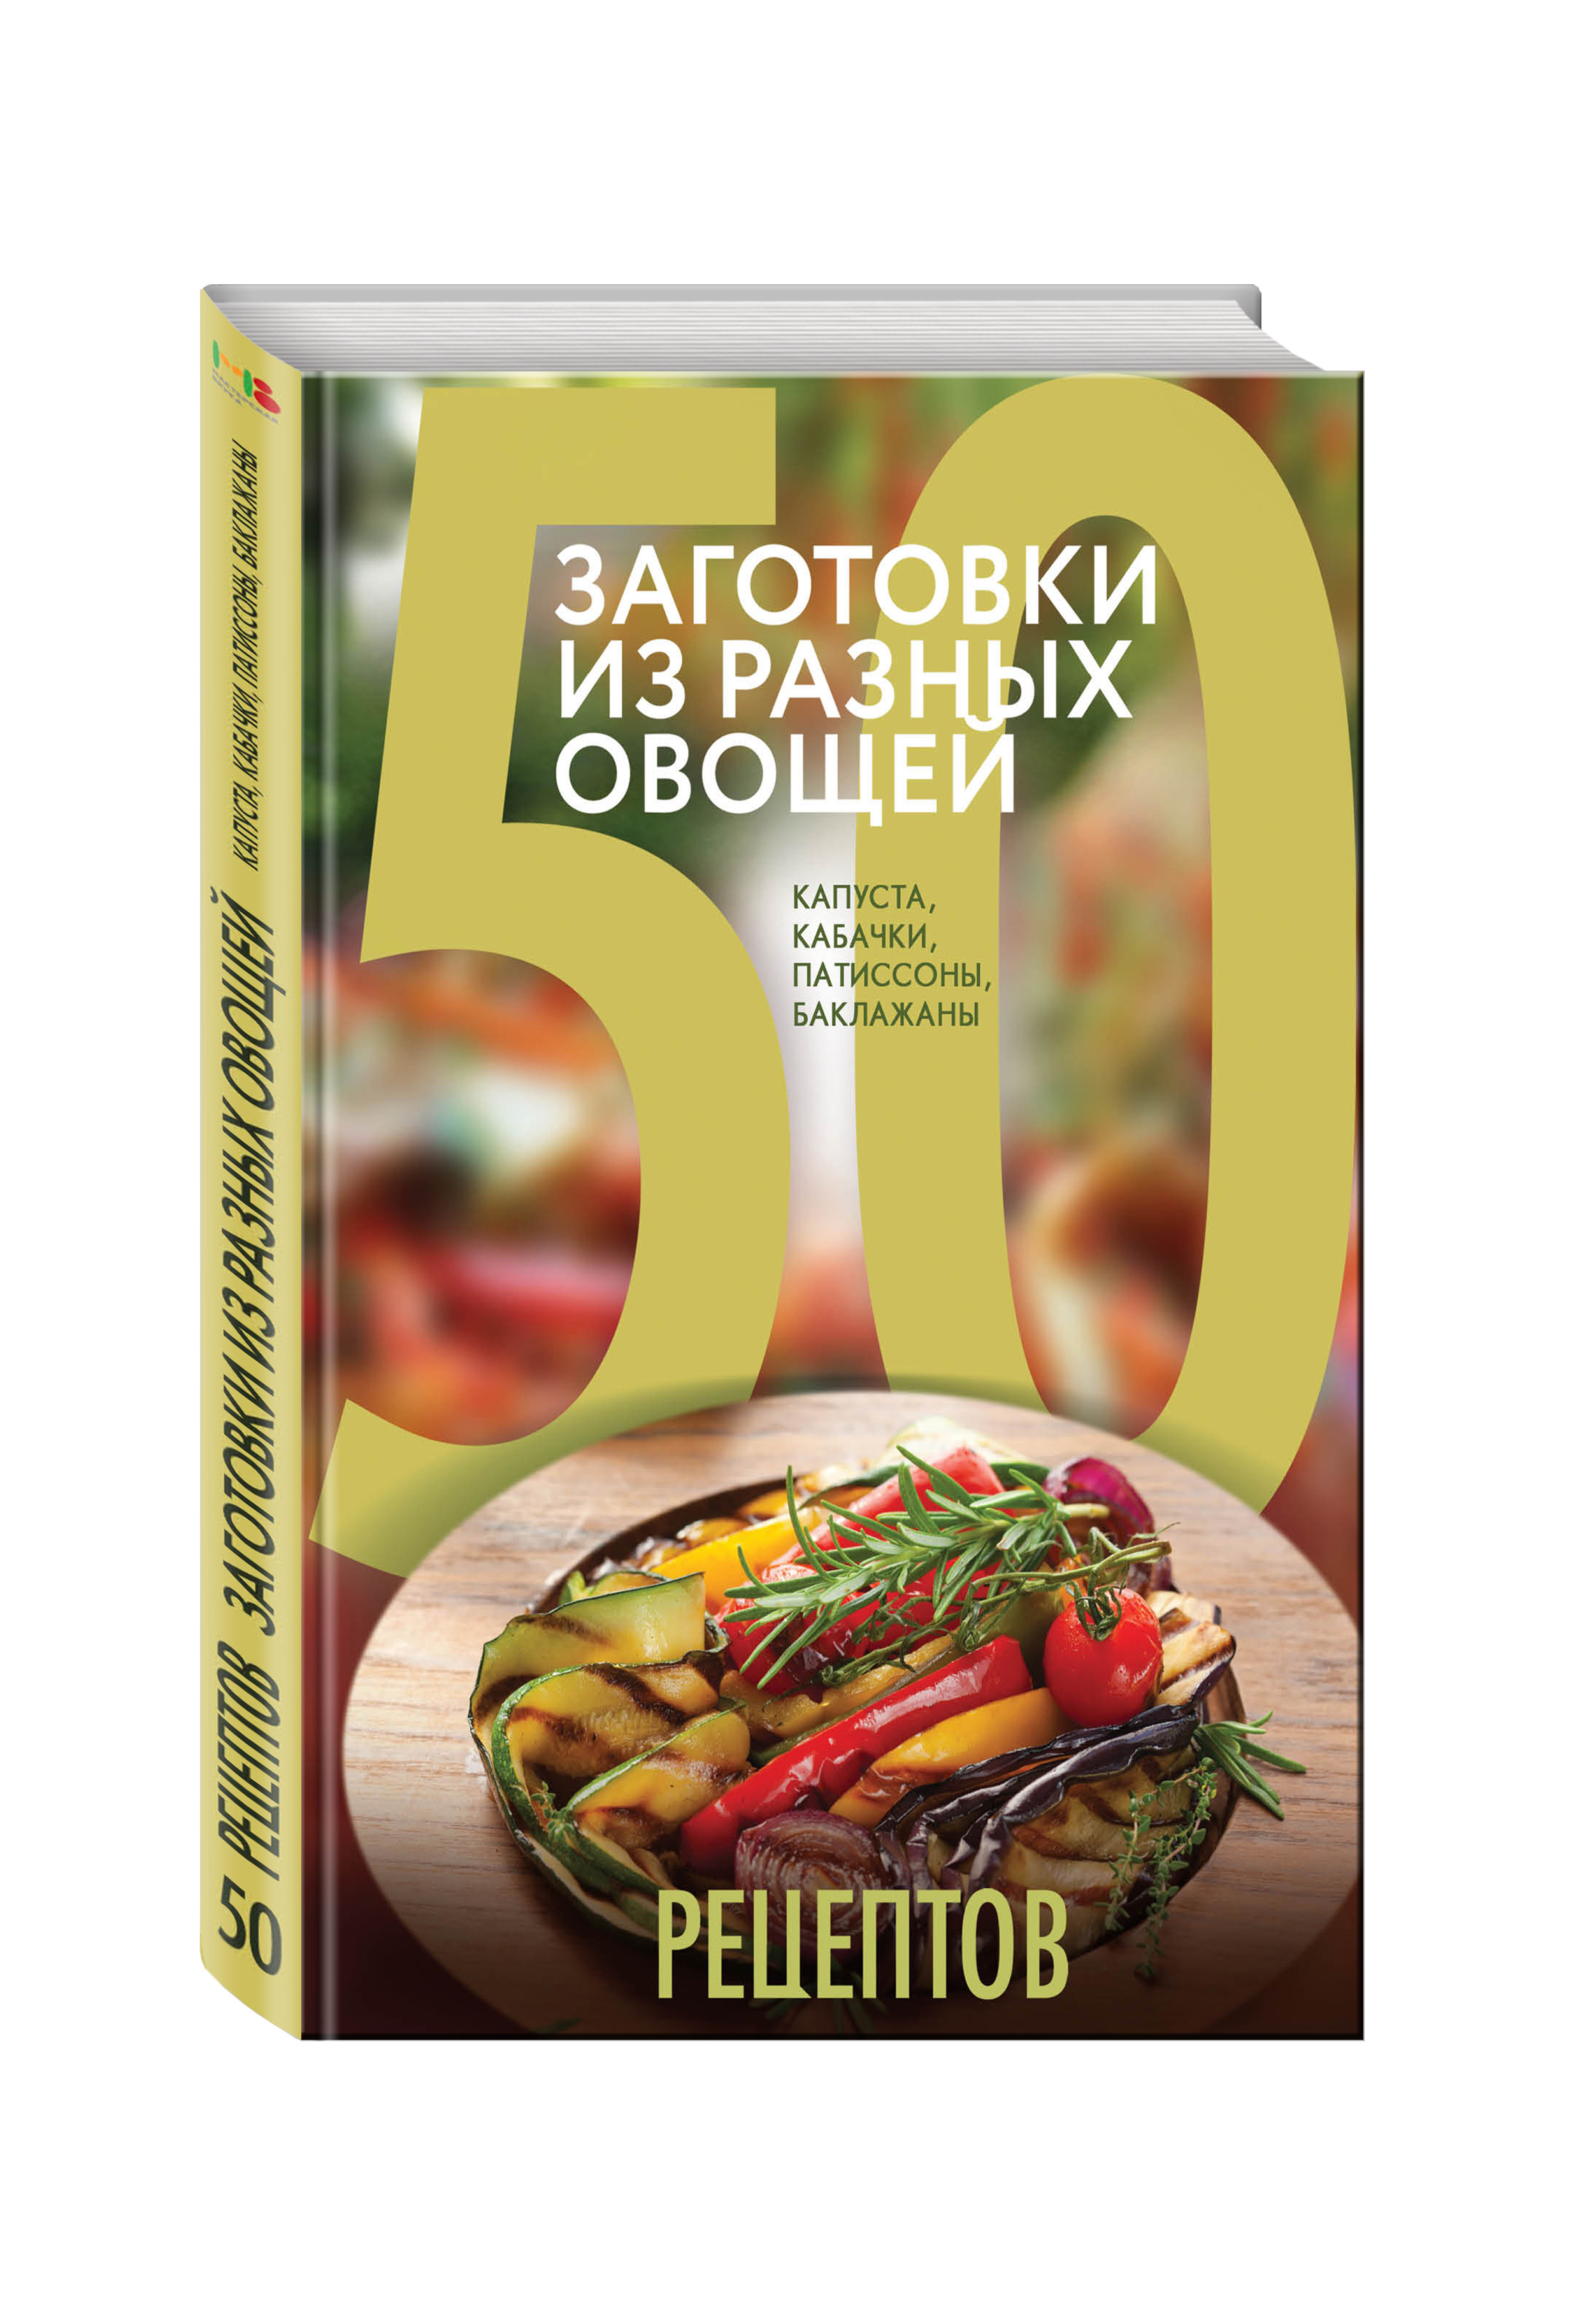 50 рецептов. Заготовки из разных овощей. Капуста, баклажаны, кабачки, патиссоны